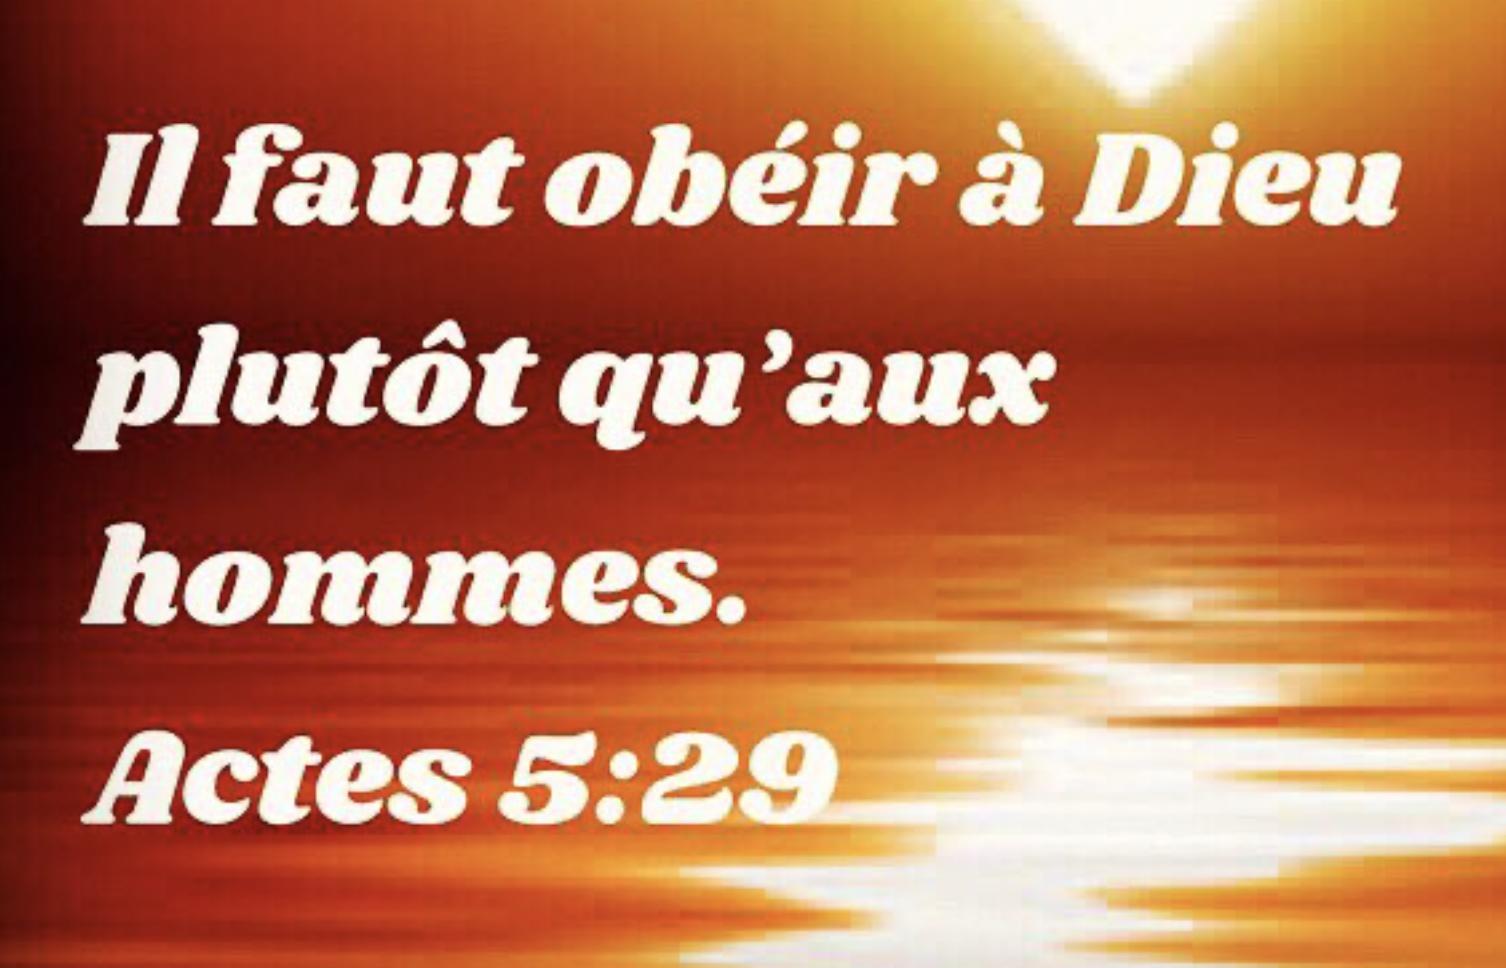 https://www.chretiens.info/chretien/2020/08/il-faut-obeir-a-dieu-plutot-quaux-hommes-actes-5-29.png